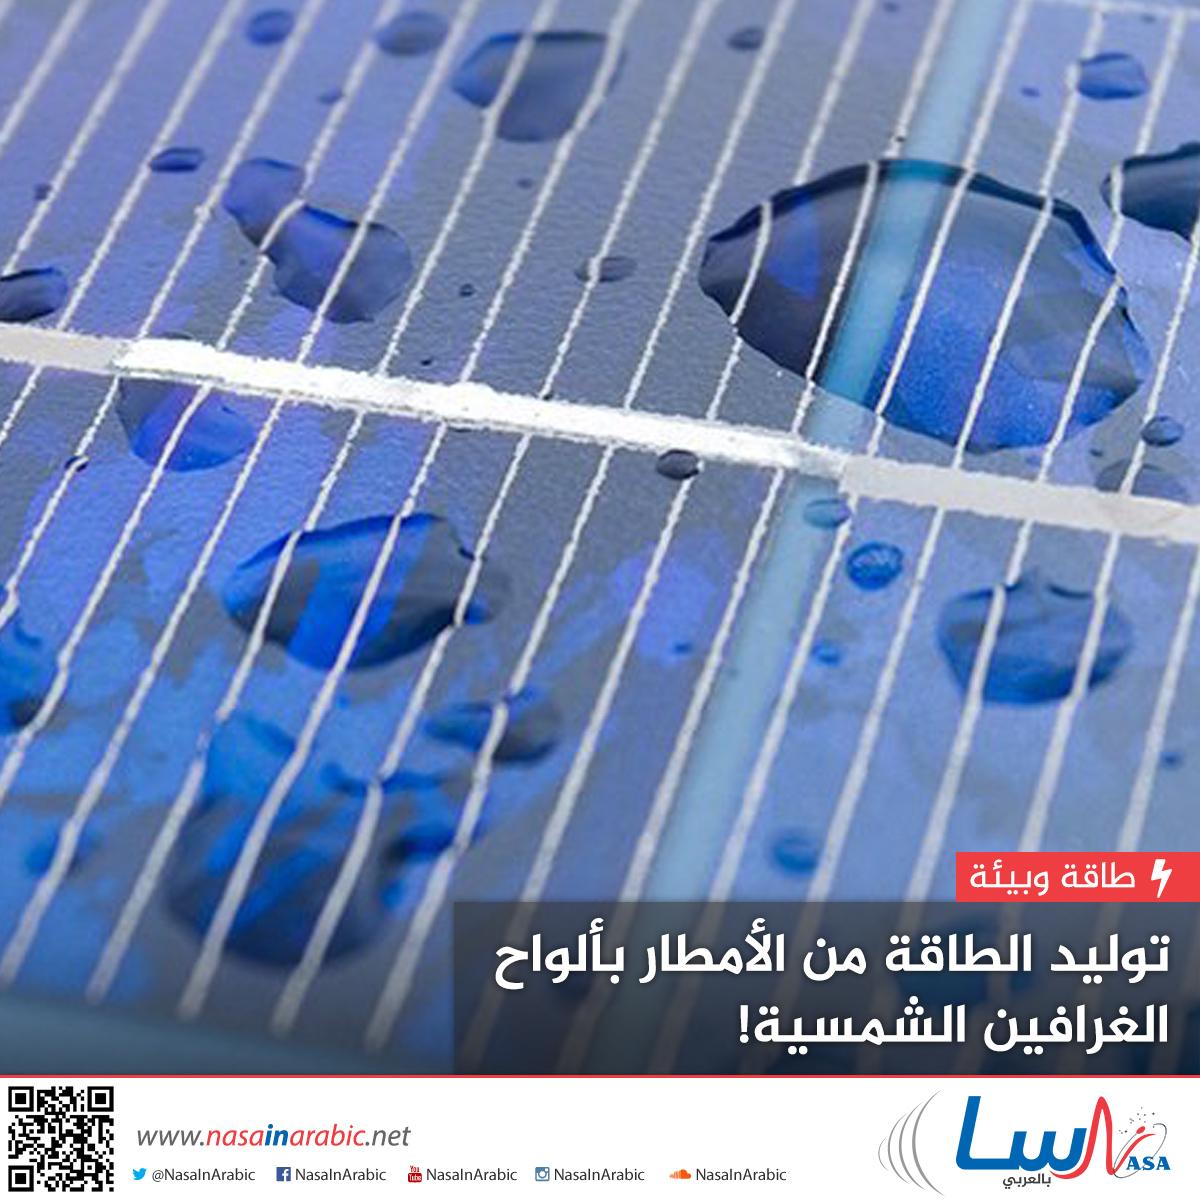 توليد الطاقة من الأمطار بألواح الغرافين الشمسية!